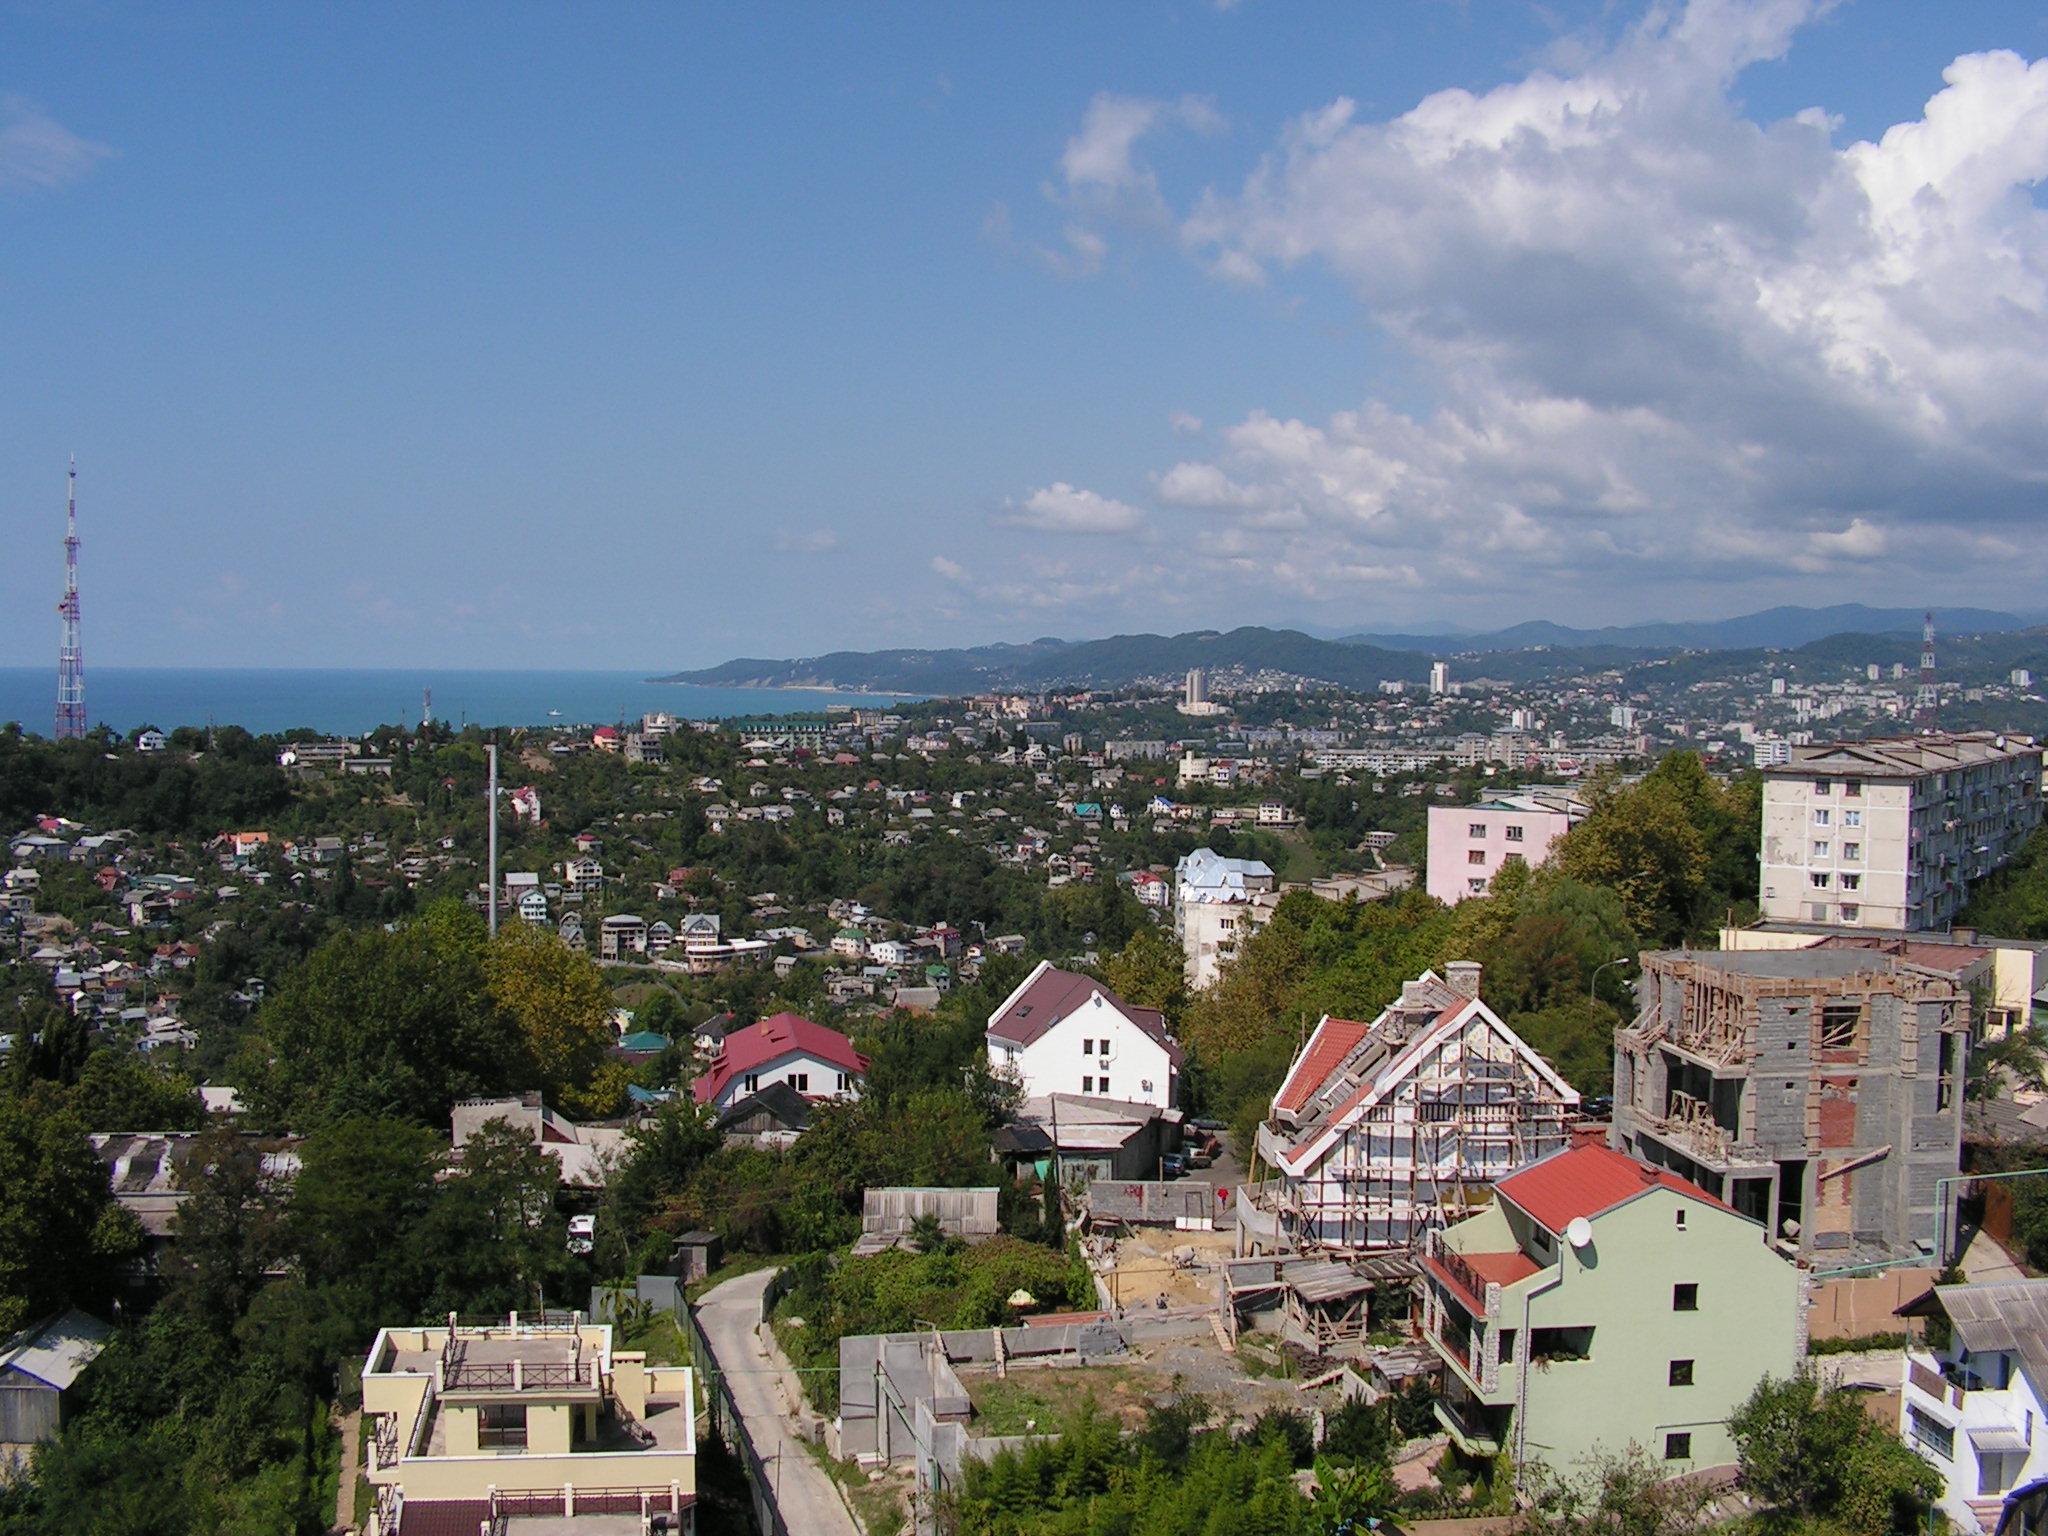 aрмянски зборни